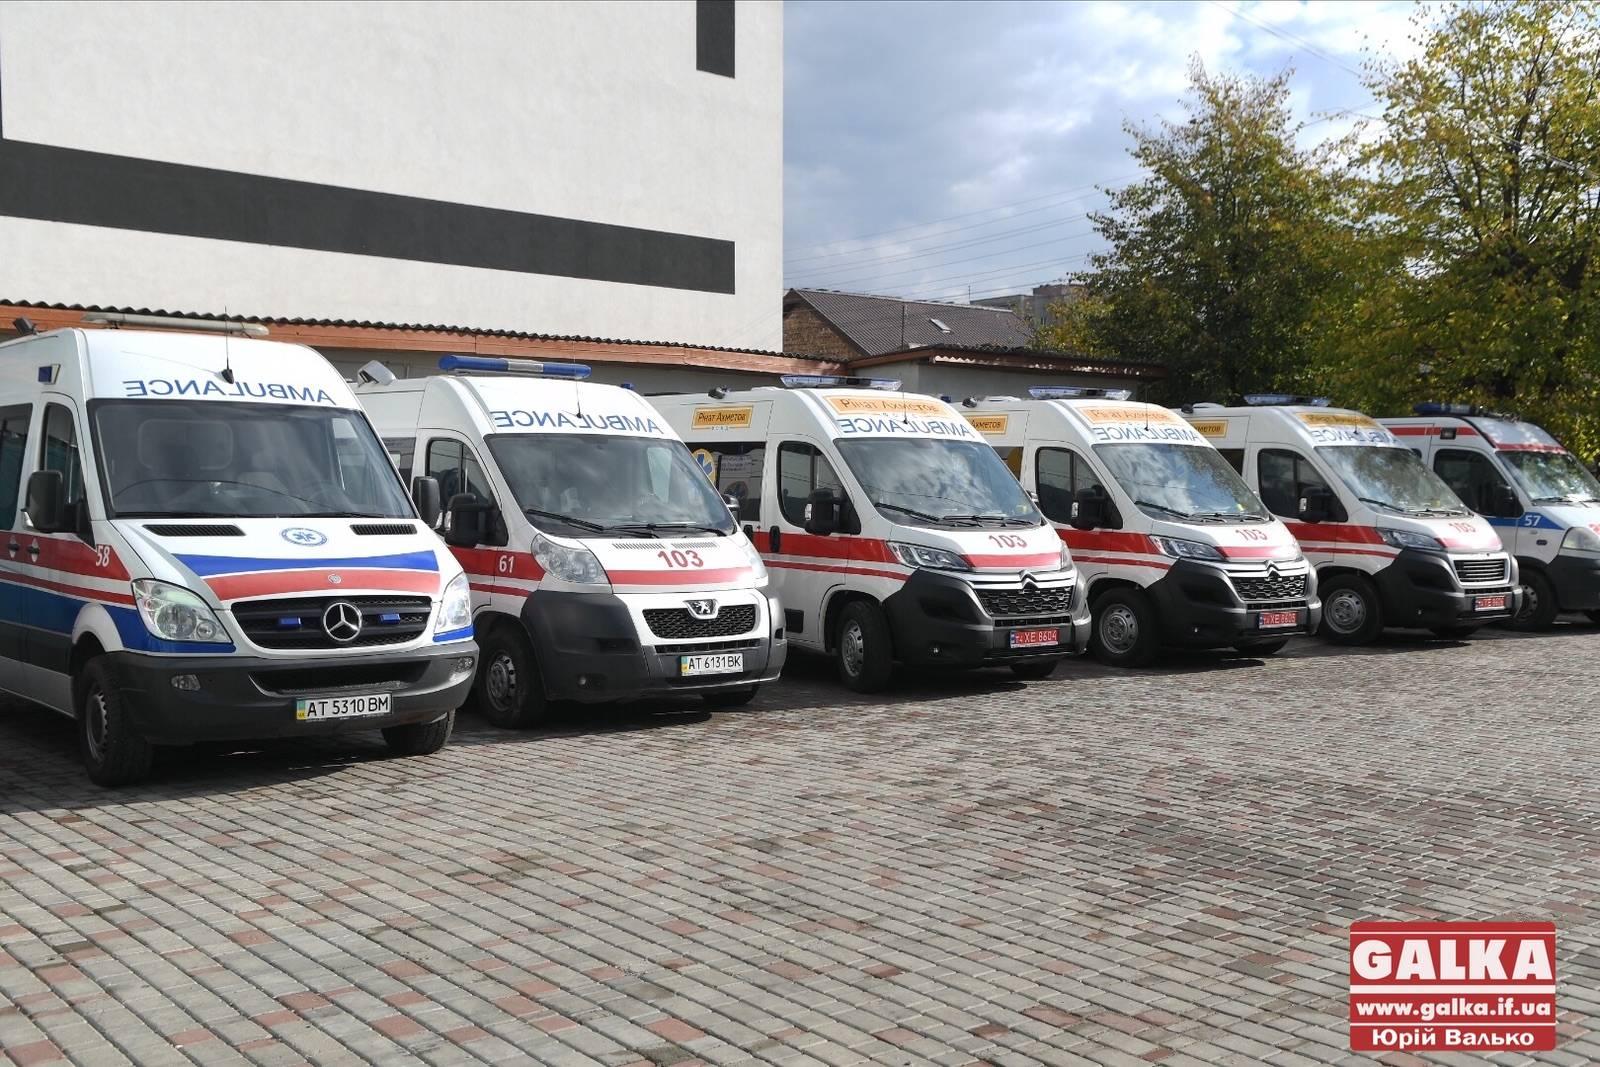 Сучасні «швидкі» і обладнання: у франківській медицині катастроф запрацювала нова диспетчерська (ФОТО)